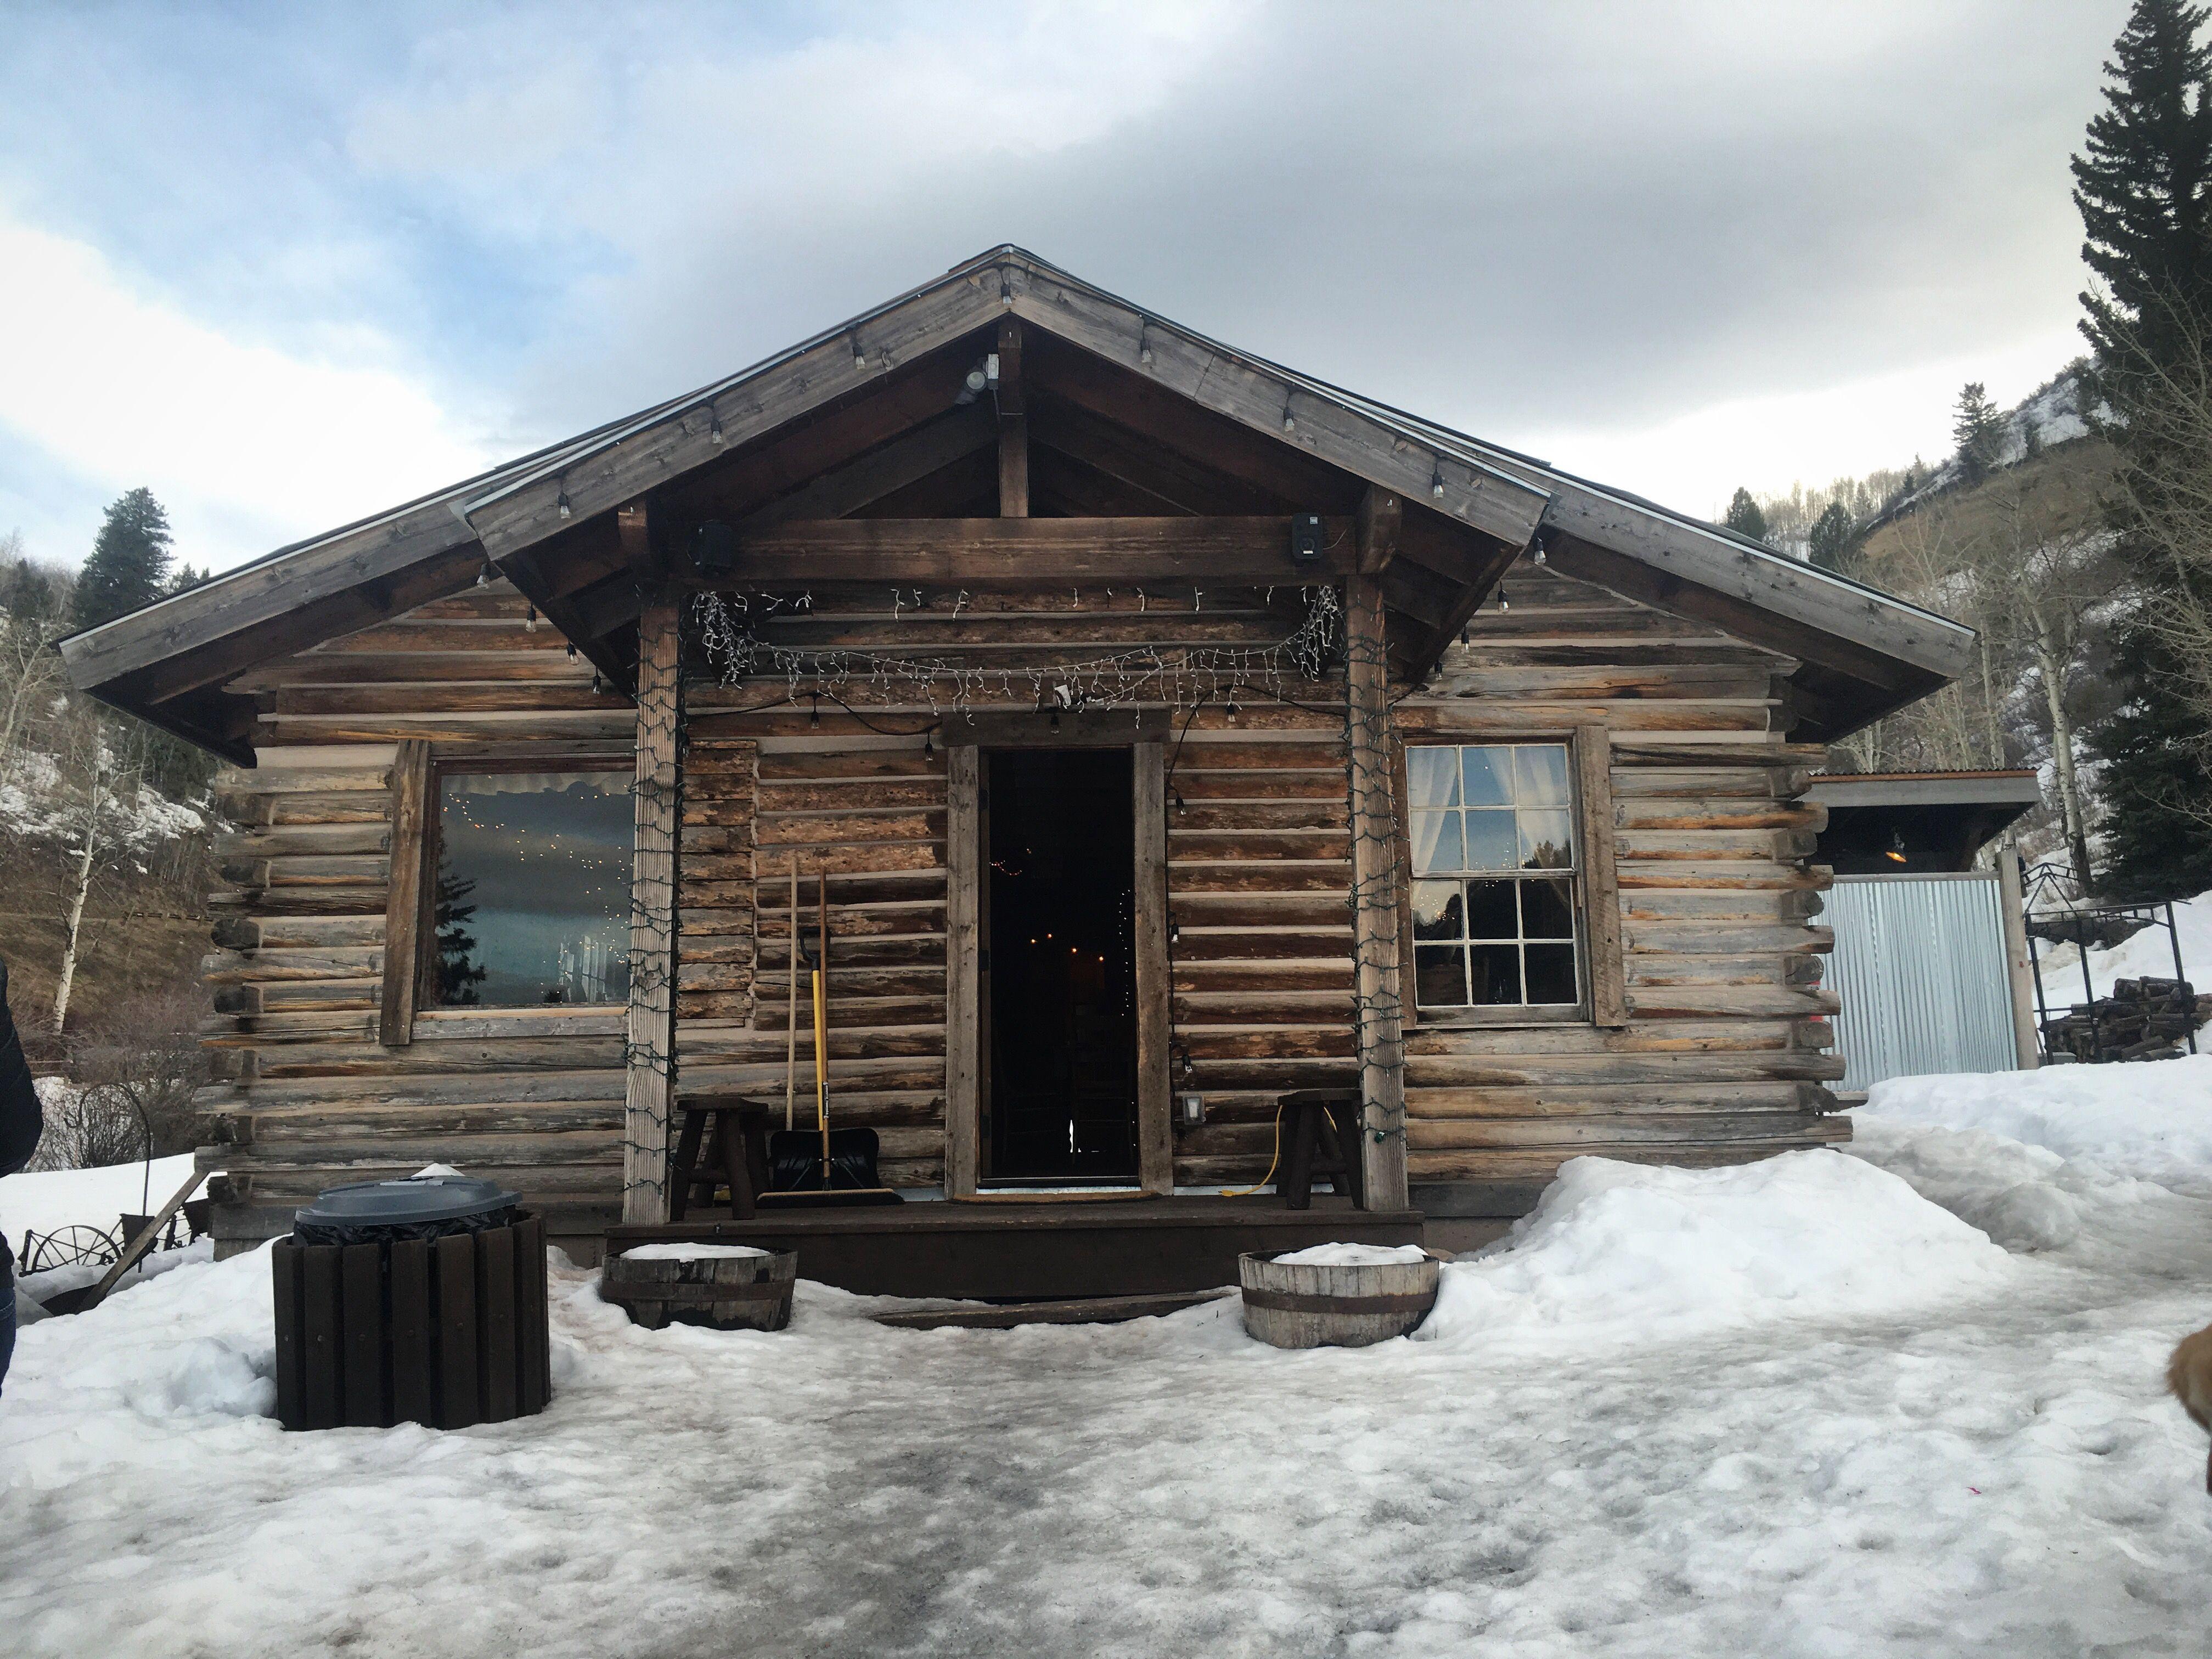 com fireside tn cabin chalet forge pigeon yp cabins valley denver high mip rentals dr